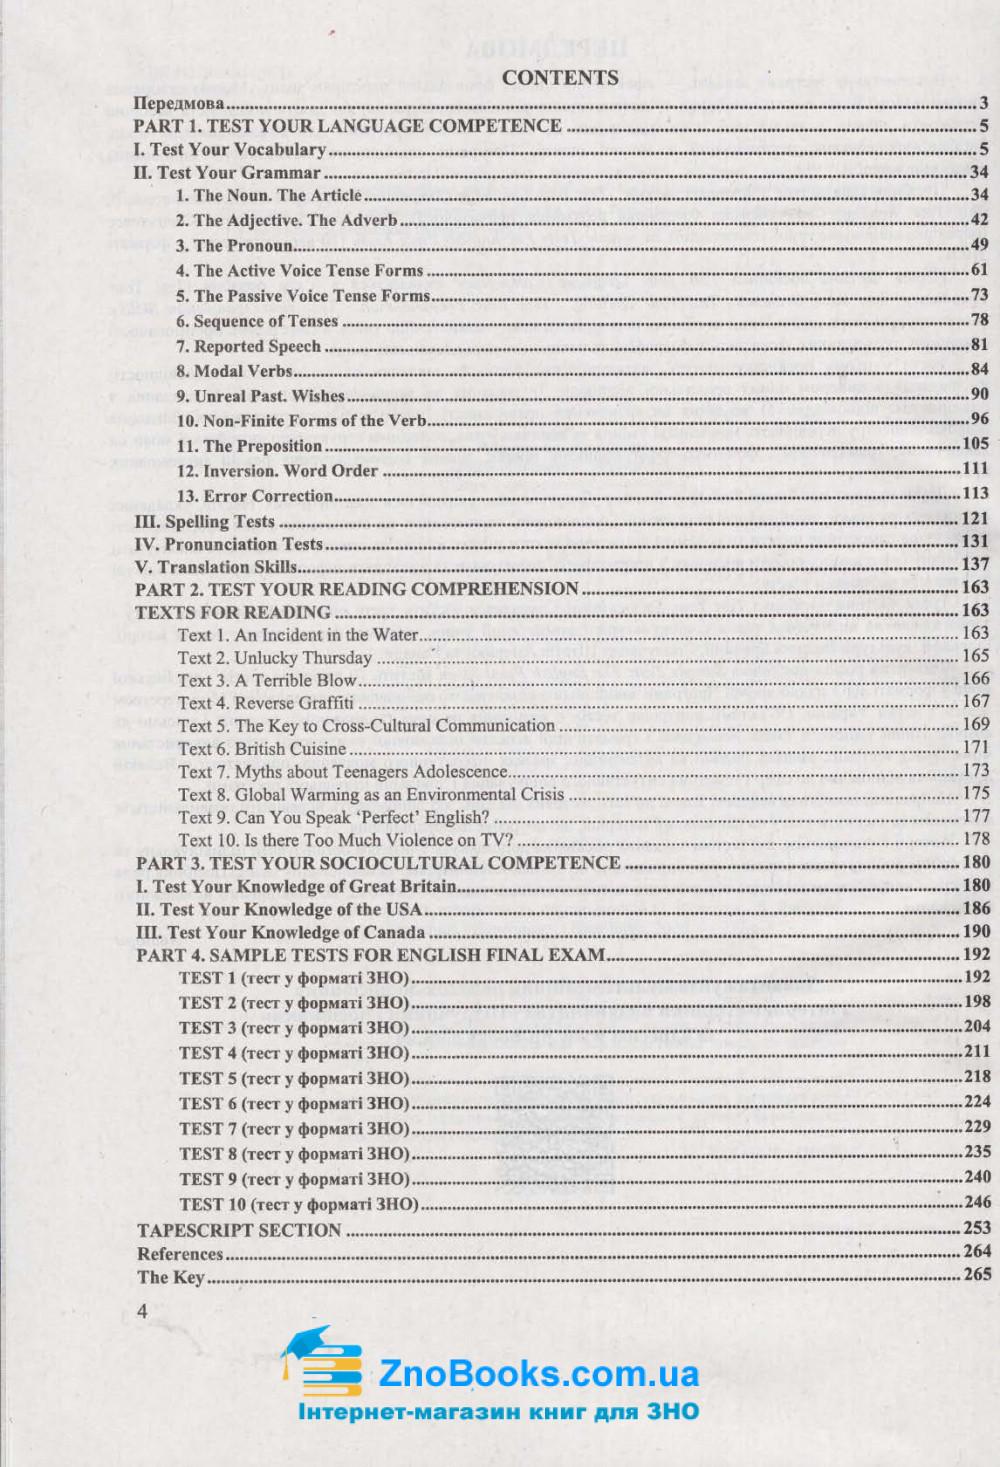 ЗНО 2021 Англійська мова. Збірник тестових завдань + мультимедійний додаток : Валігура О. Підручники і посібники. купити 4